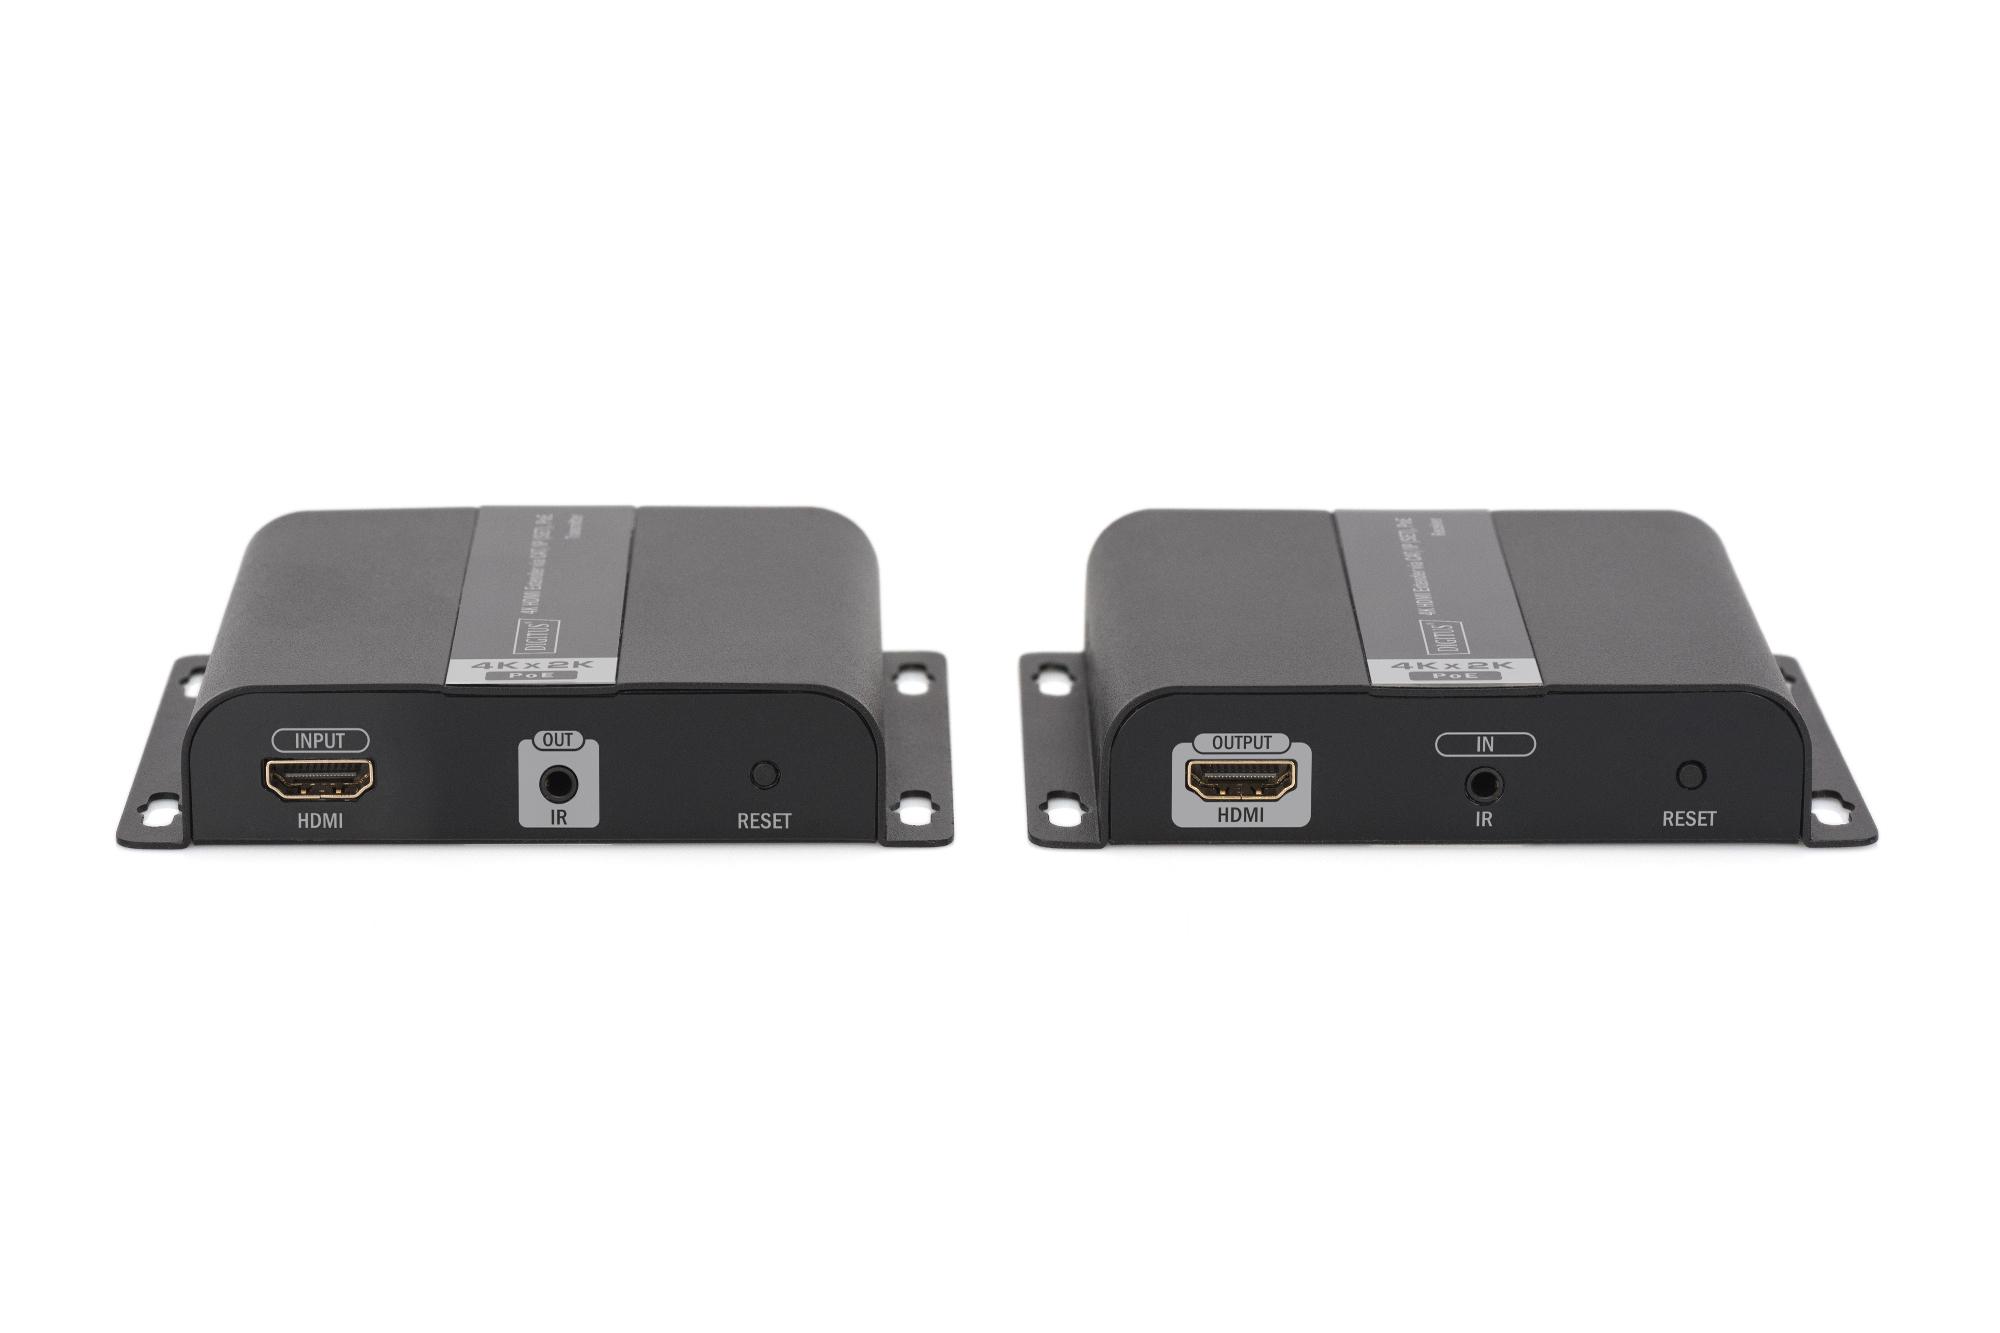 Estensore 4k hdmi via cavo rete anche per ip poe mt 120